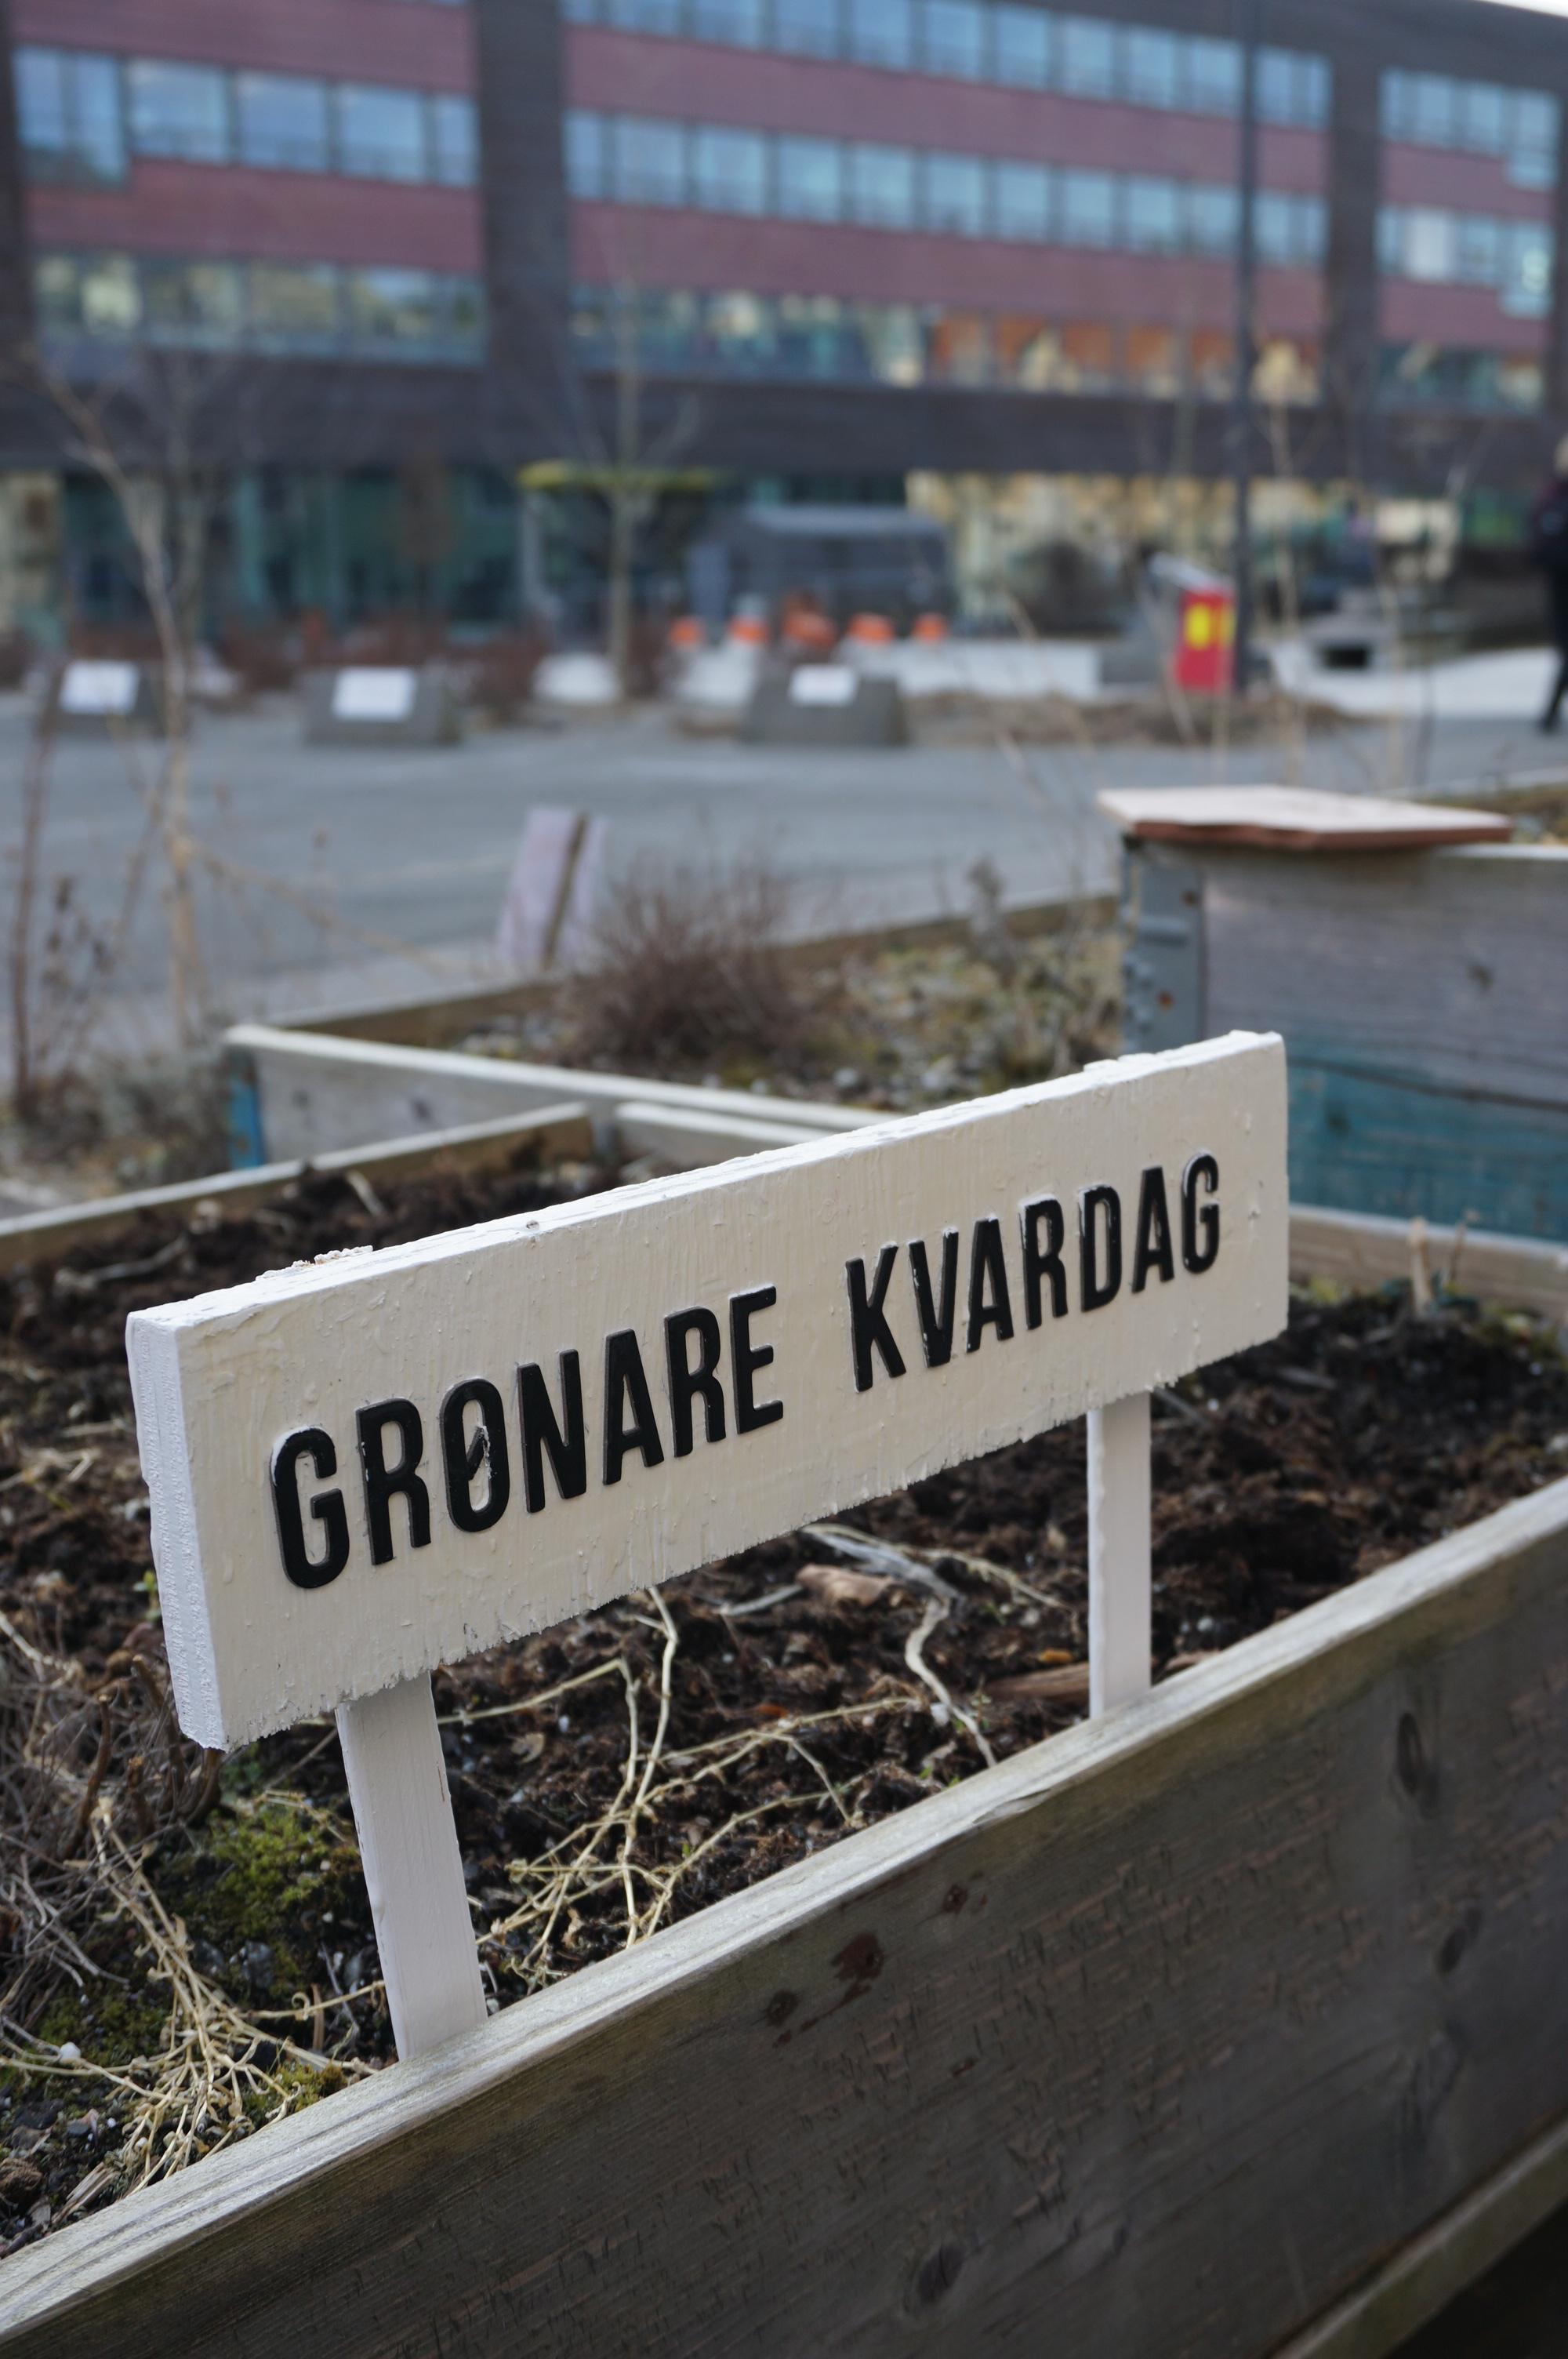 Grønnere_Kvardag